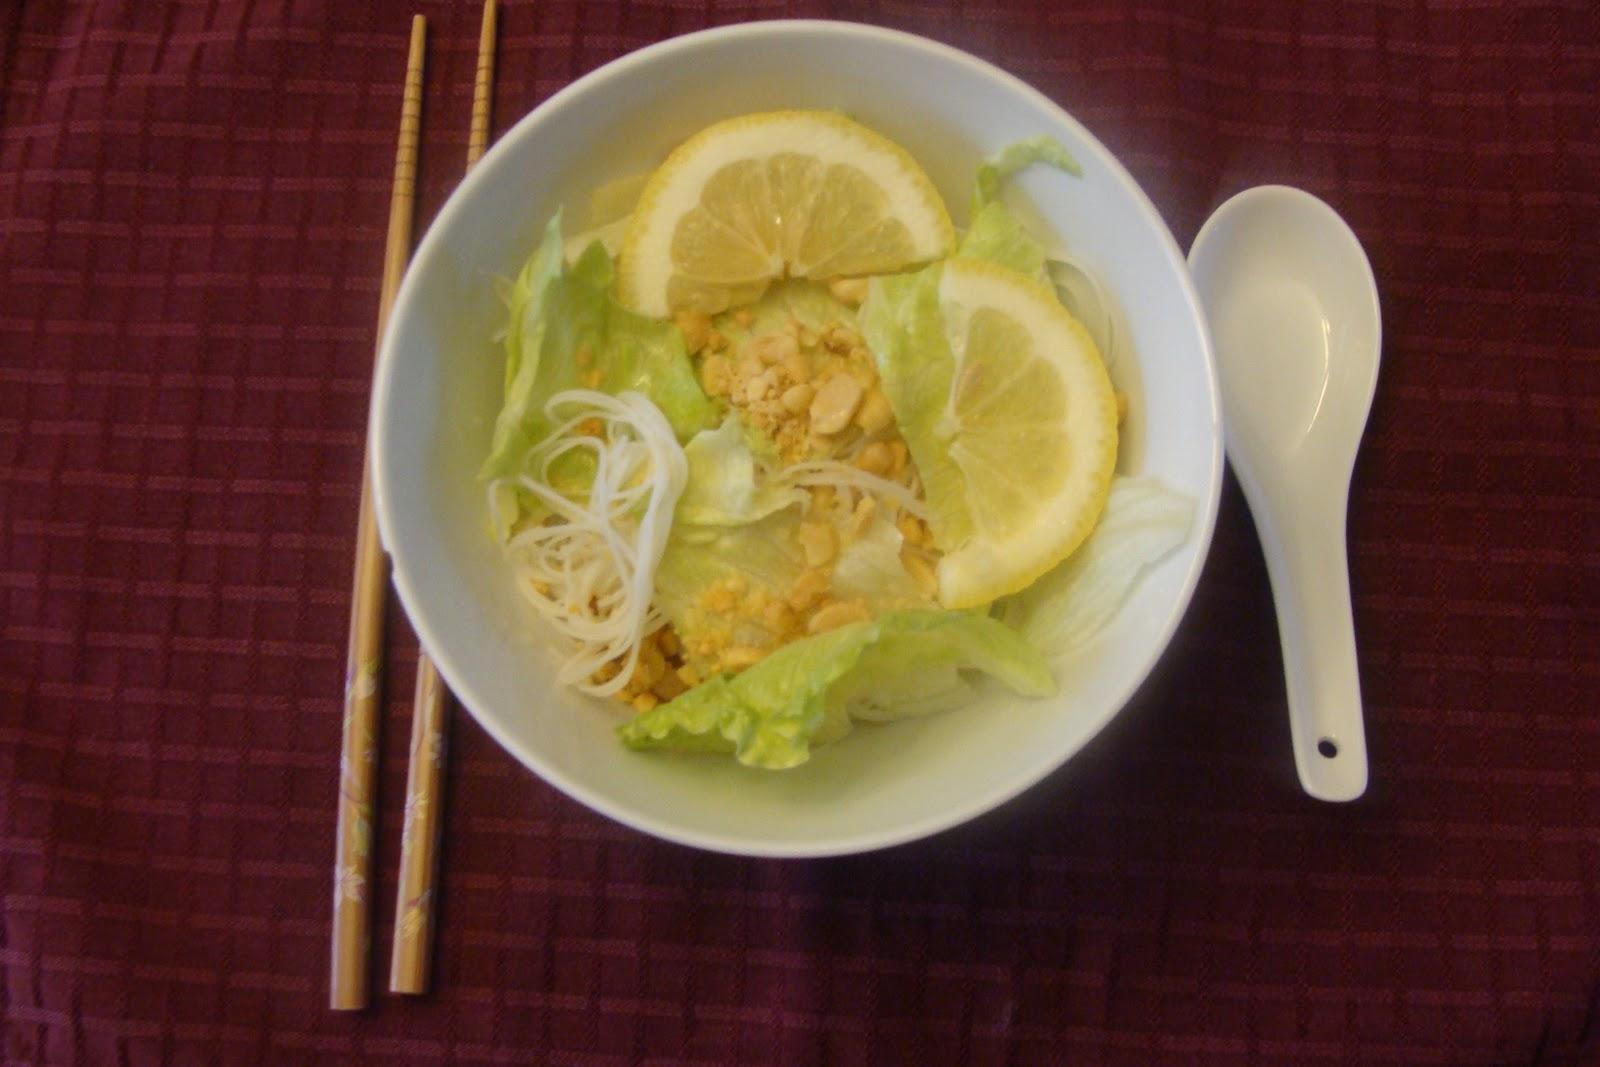 Lili popotte soupe bangkok - Peut on congeler de la soupe ...